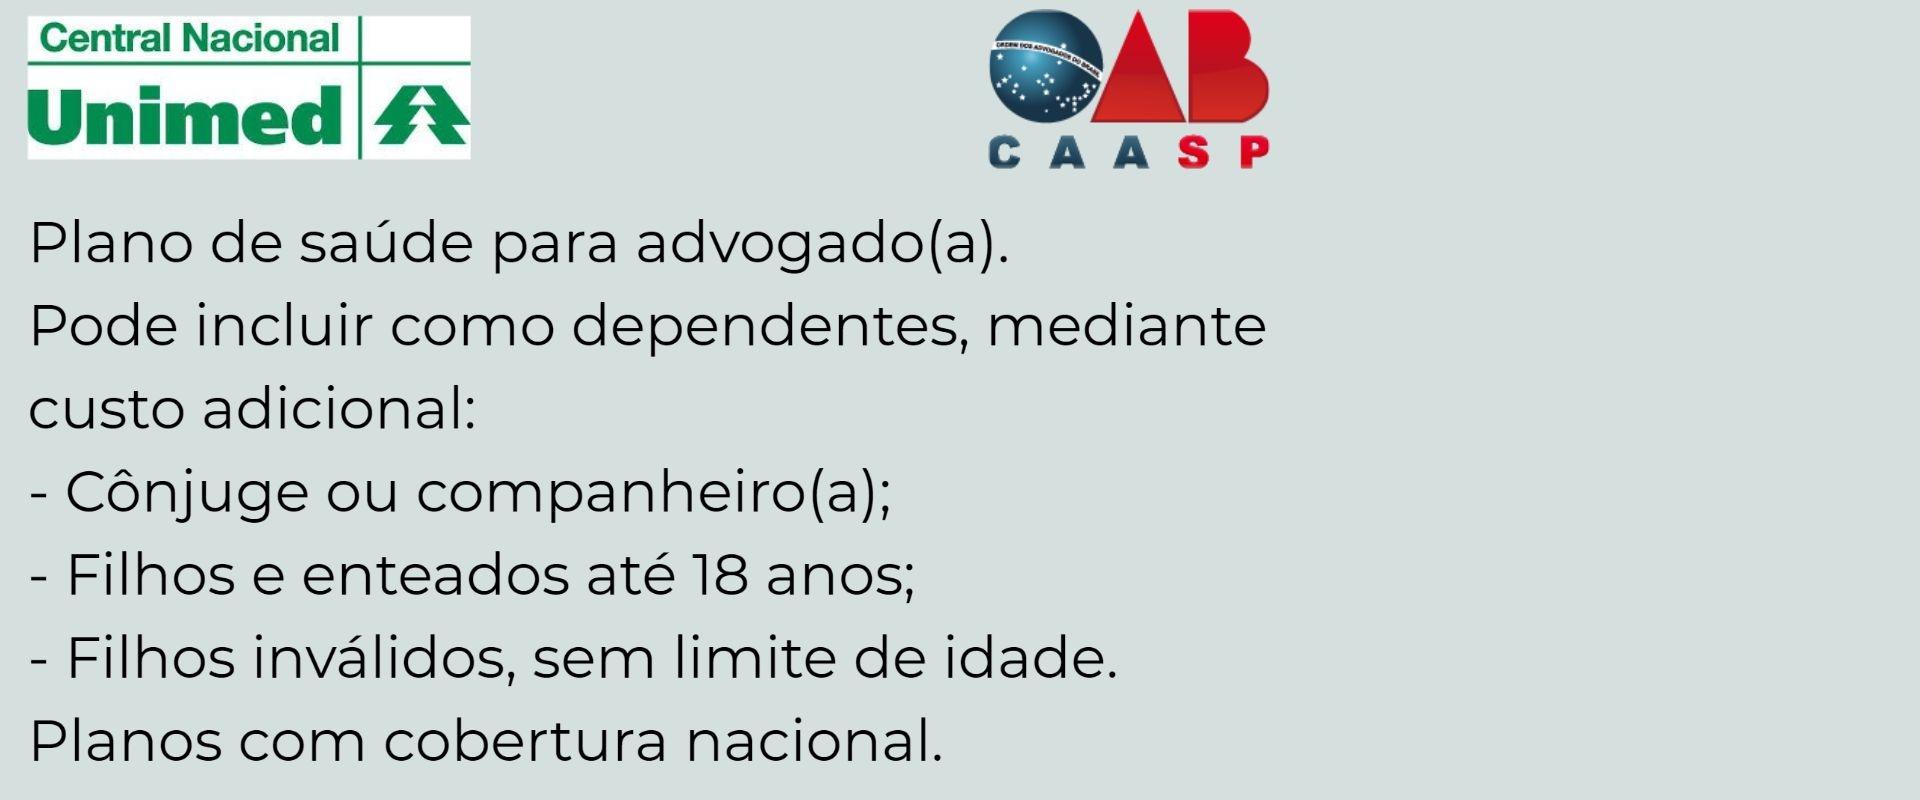 Unimed CAASP São José dos Campos